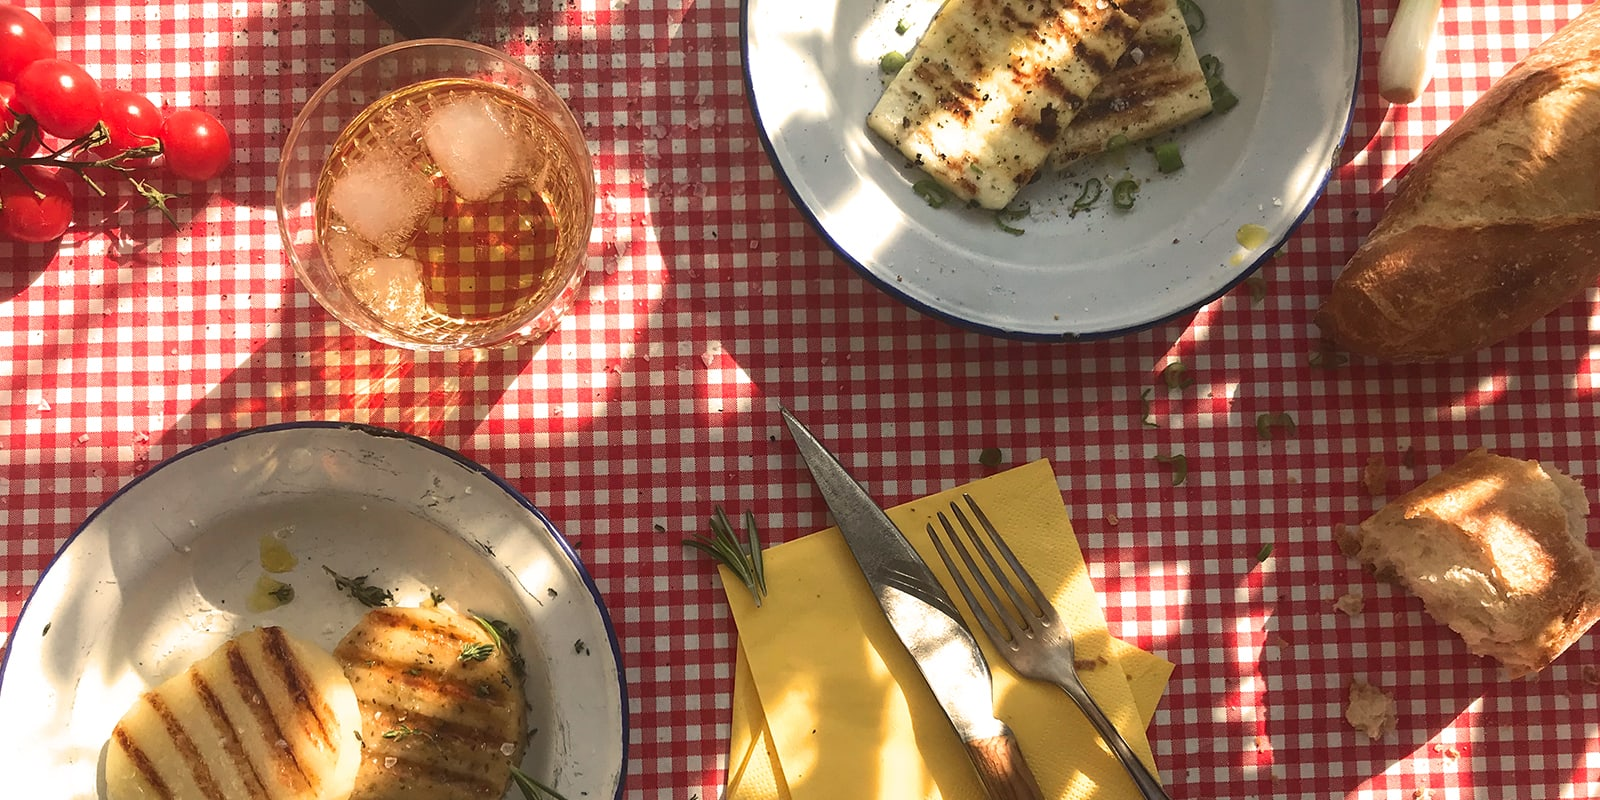 Hot & Cheesy e Ricotta Steak